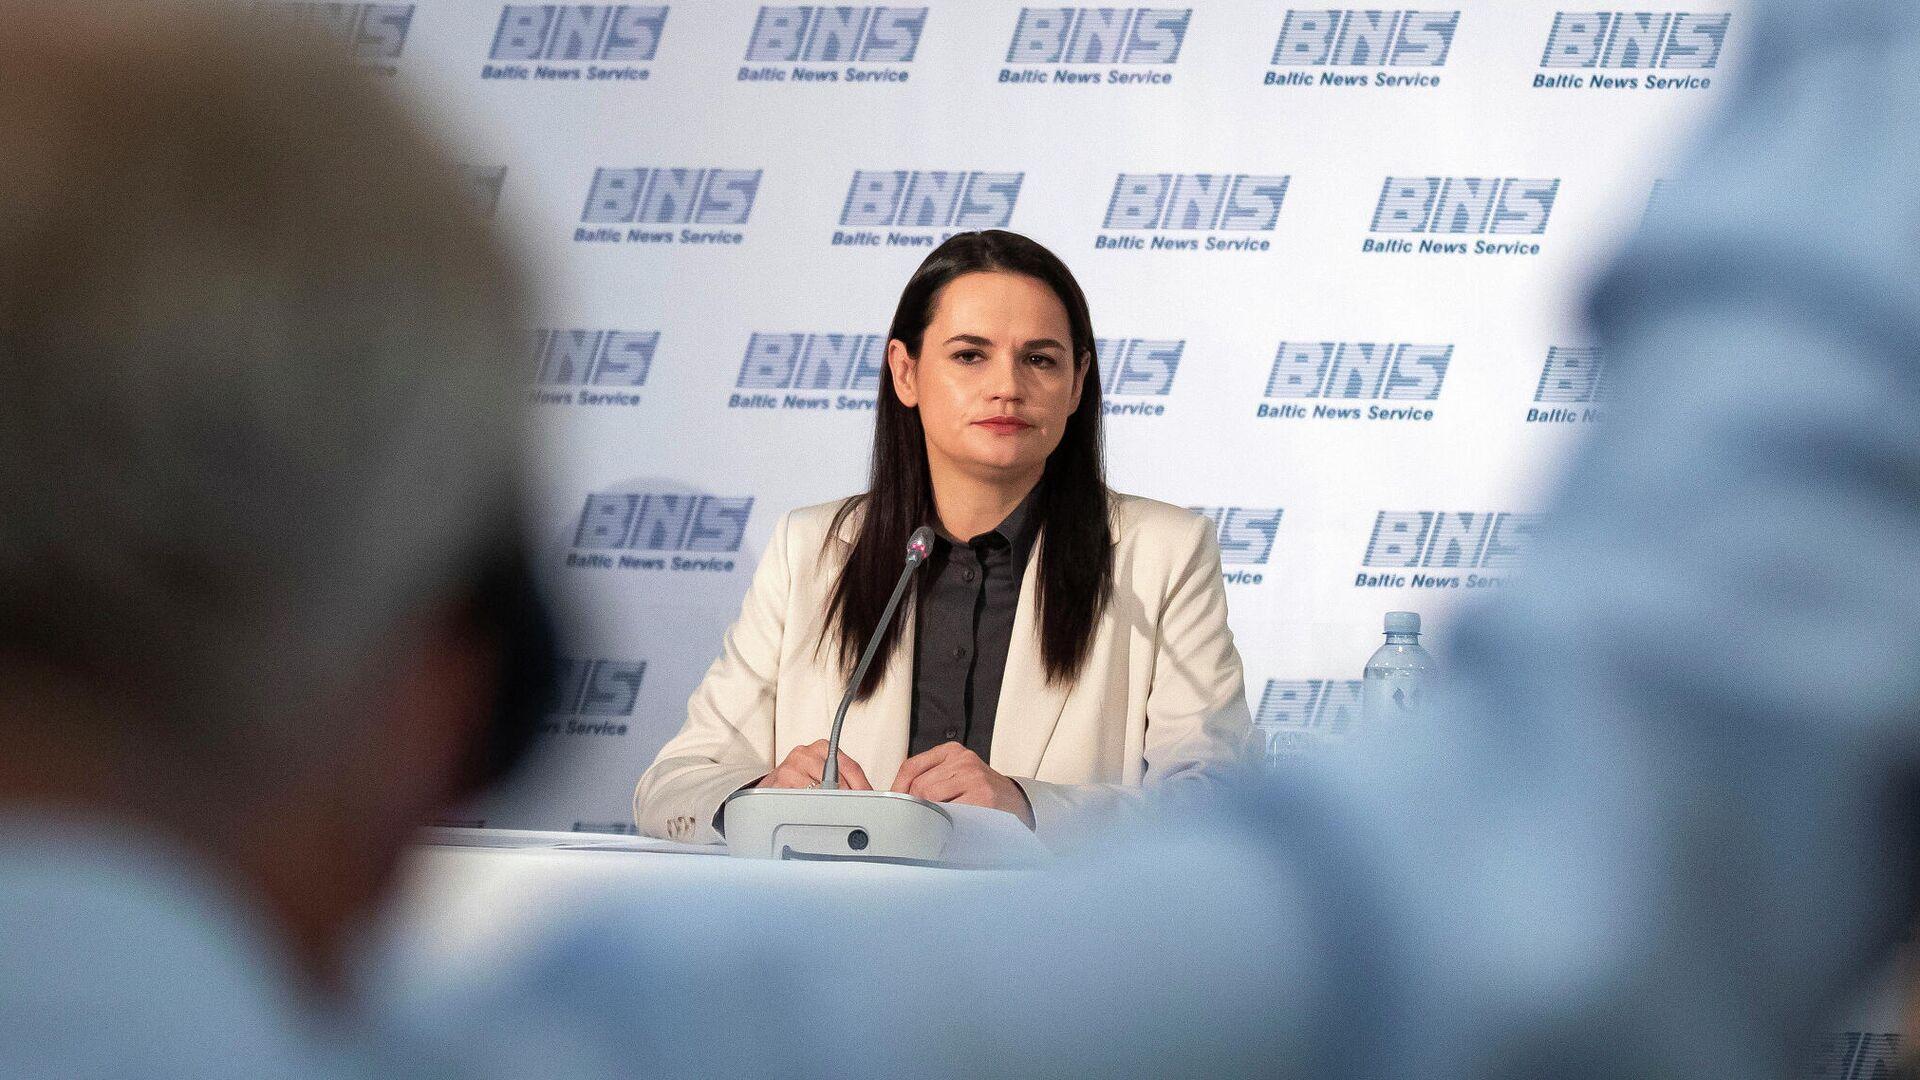 Светлана Тихановская во время пресс-конференции в Вильнюсе, Литва - РИА Новости, 1920, 07.12.2020